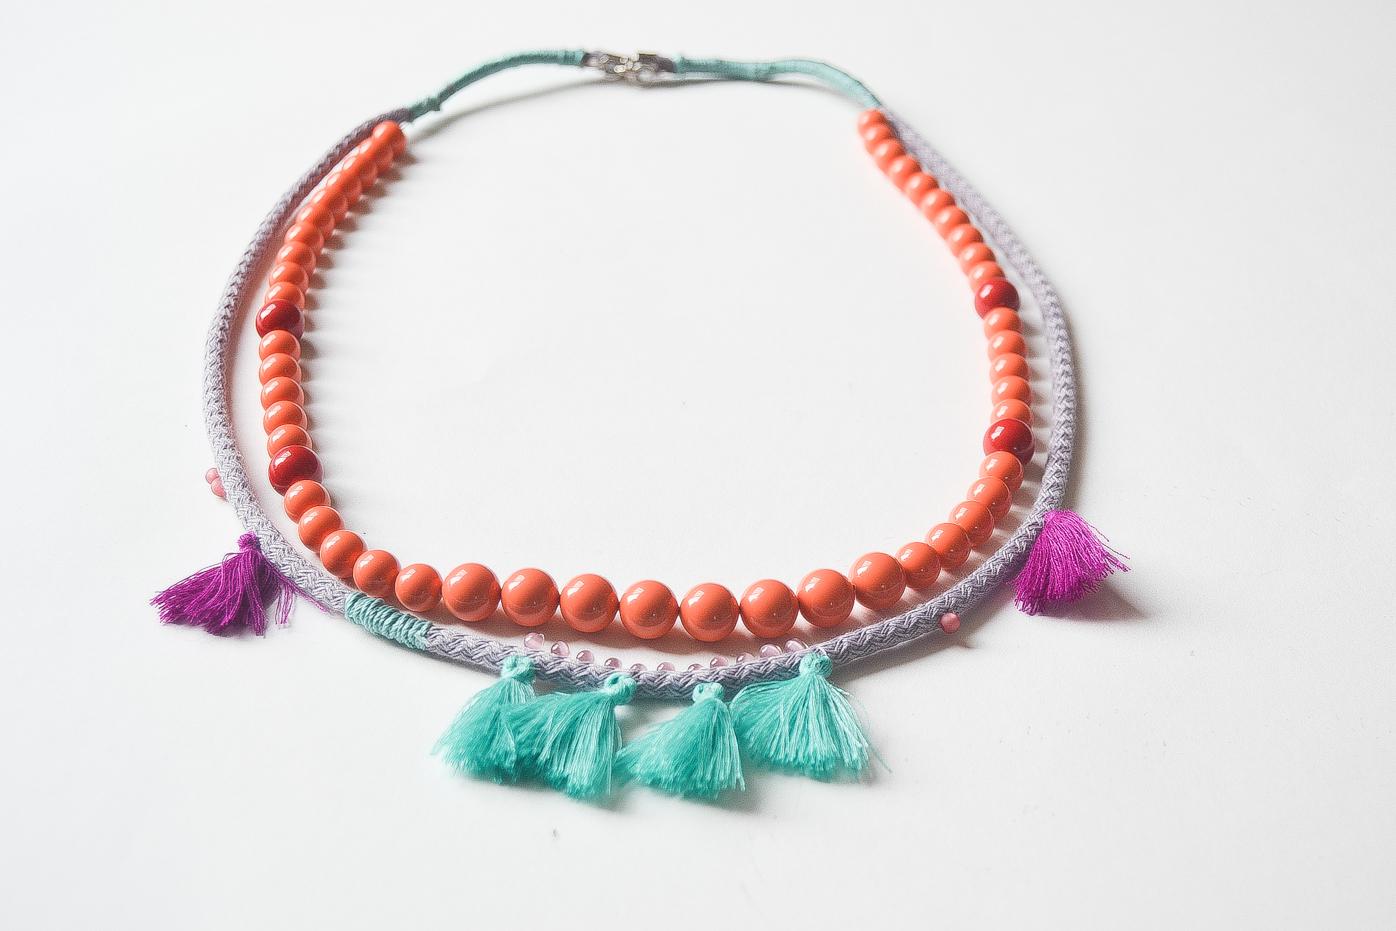 Collier boh me bijoux maman tout faire - Comment faire un collier en perle ...